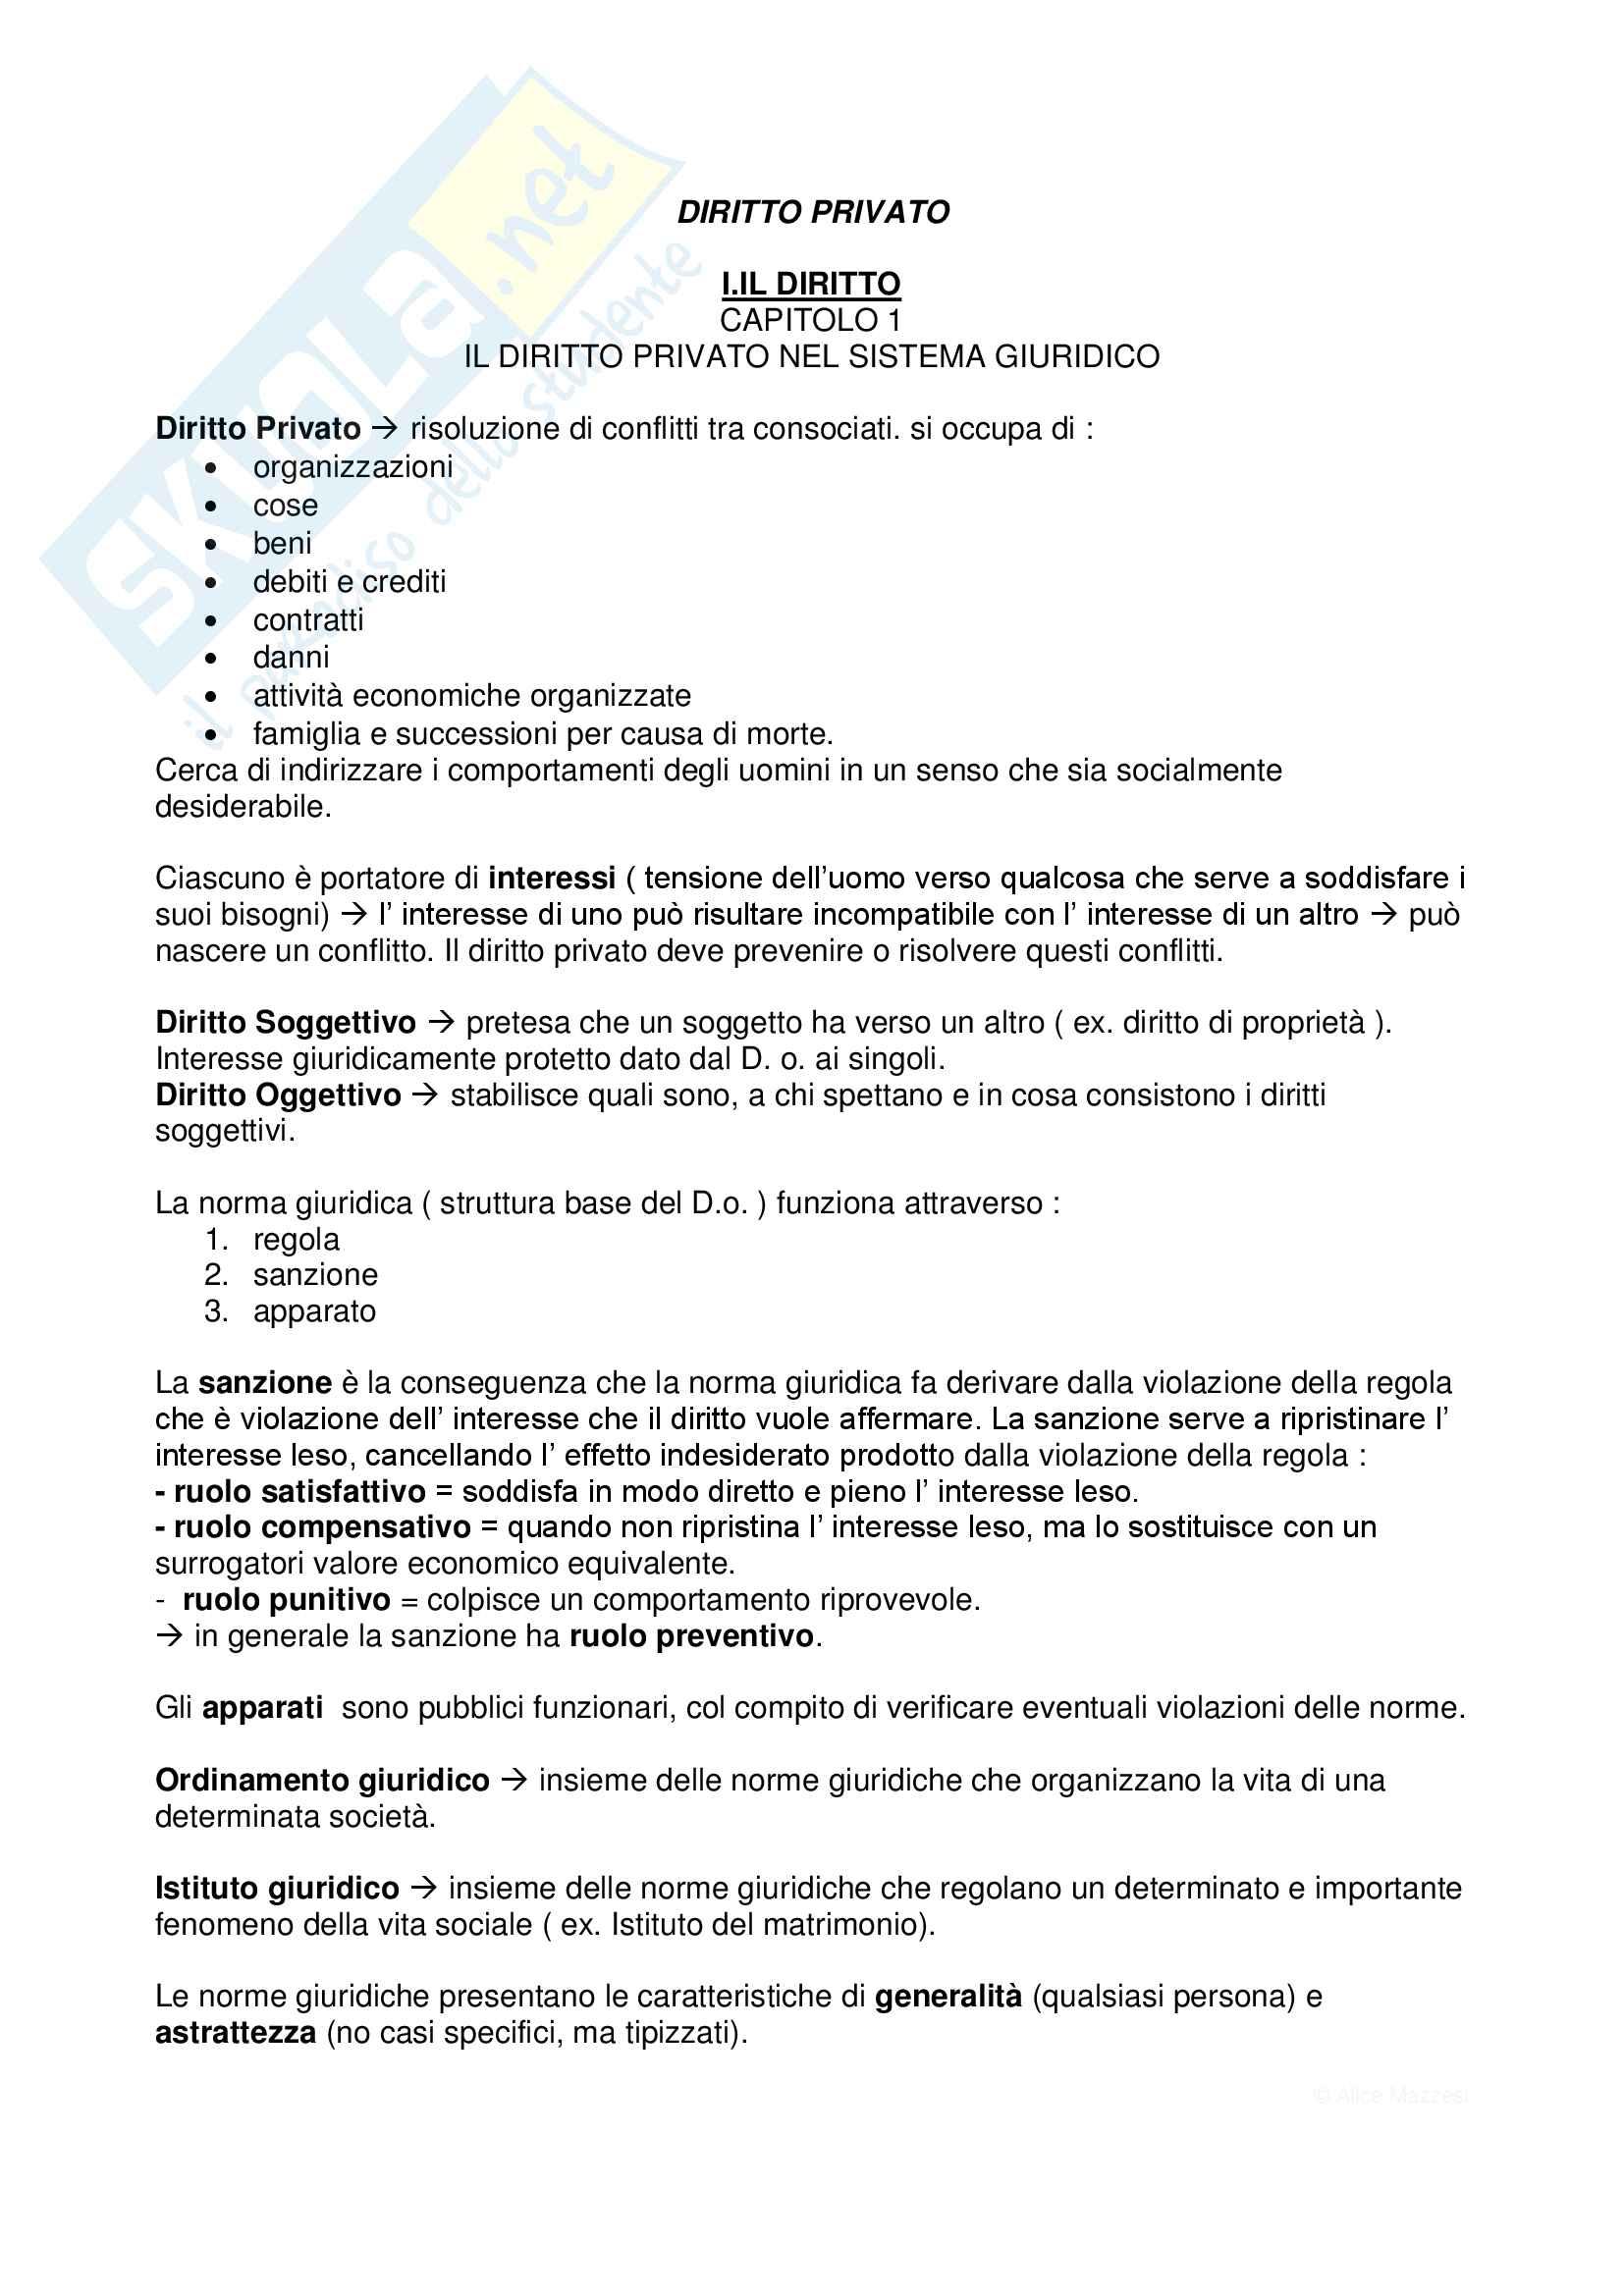 """Riassunto esame Diritto Privato, prof. Afferni e Grondona, libro consigliato """"Diritto Privato"""" di Vincenzo Roppo"""